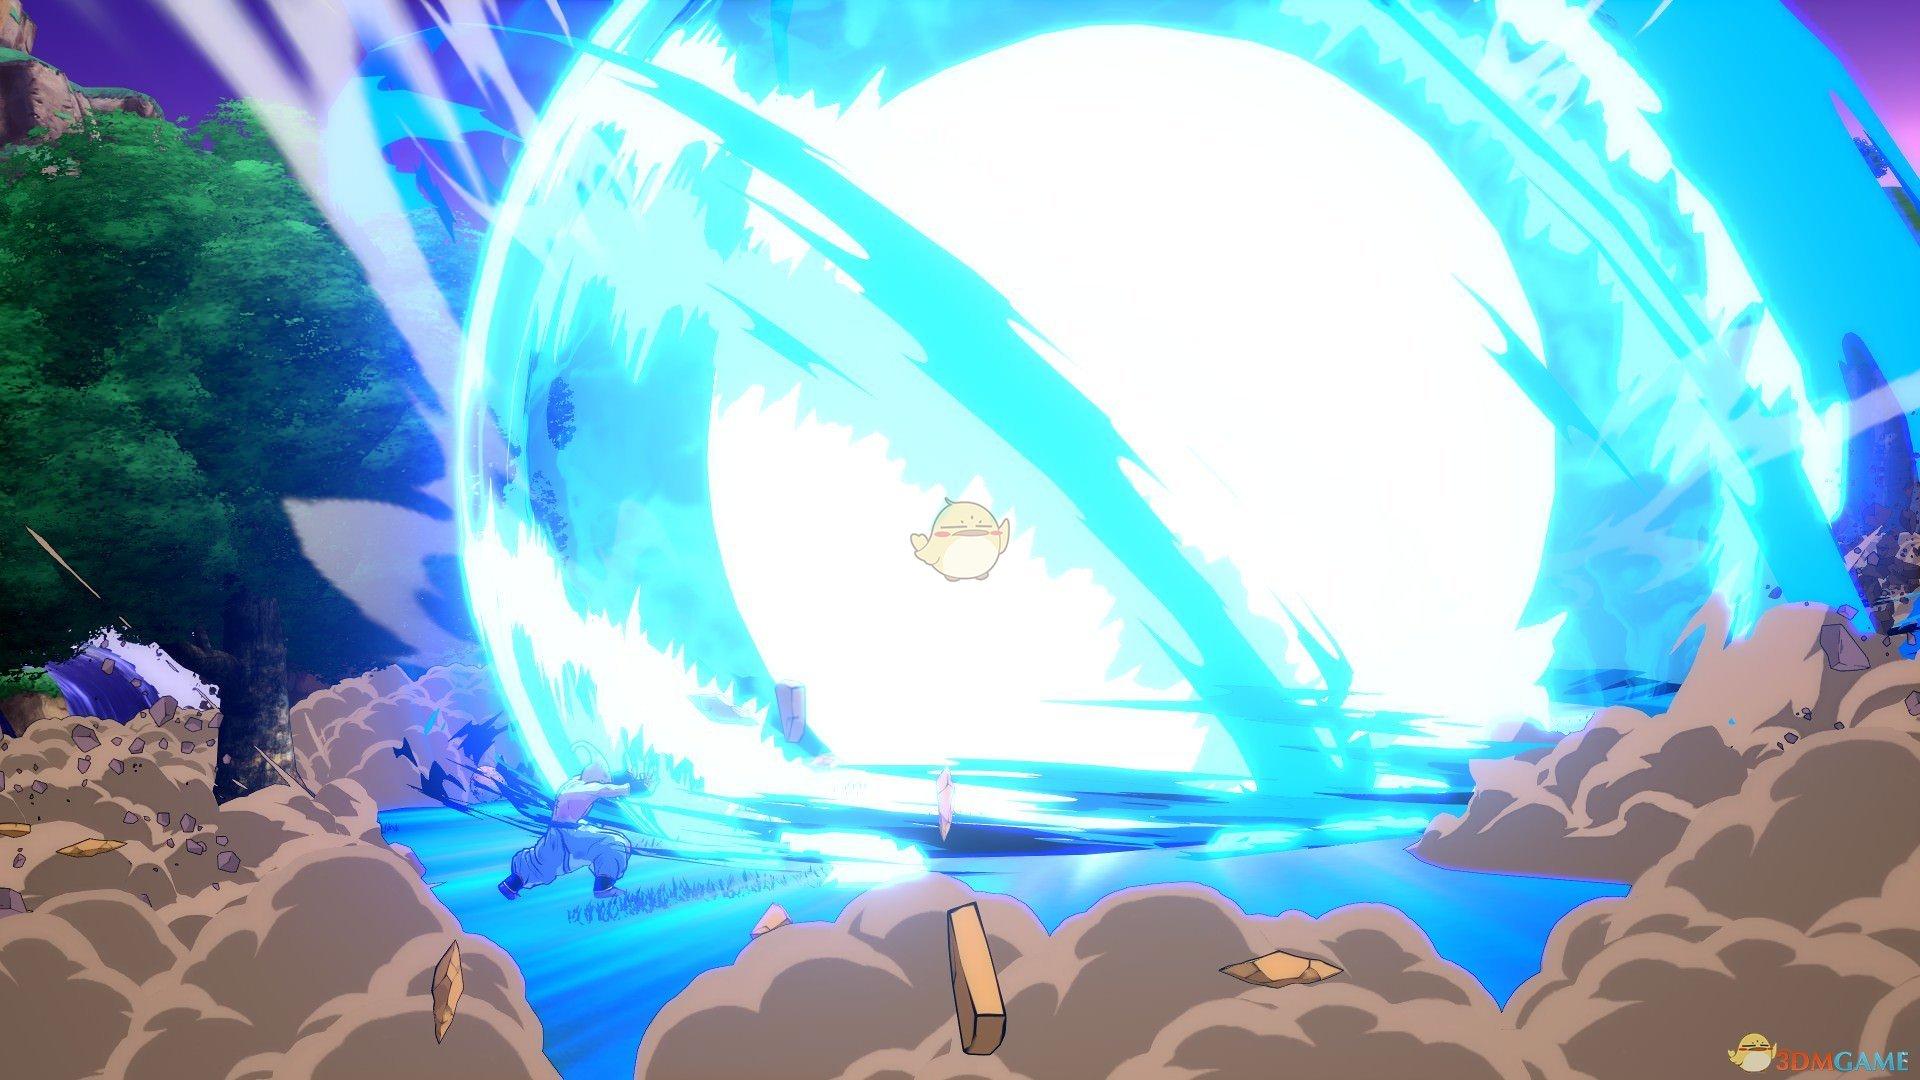 《龙珠战士Z》特殊剧情来自地球的元气弹触发条件一览